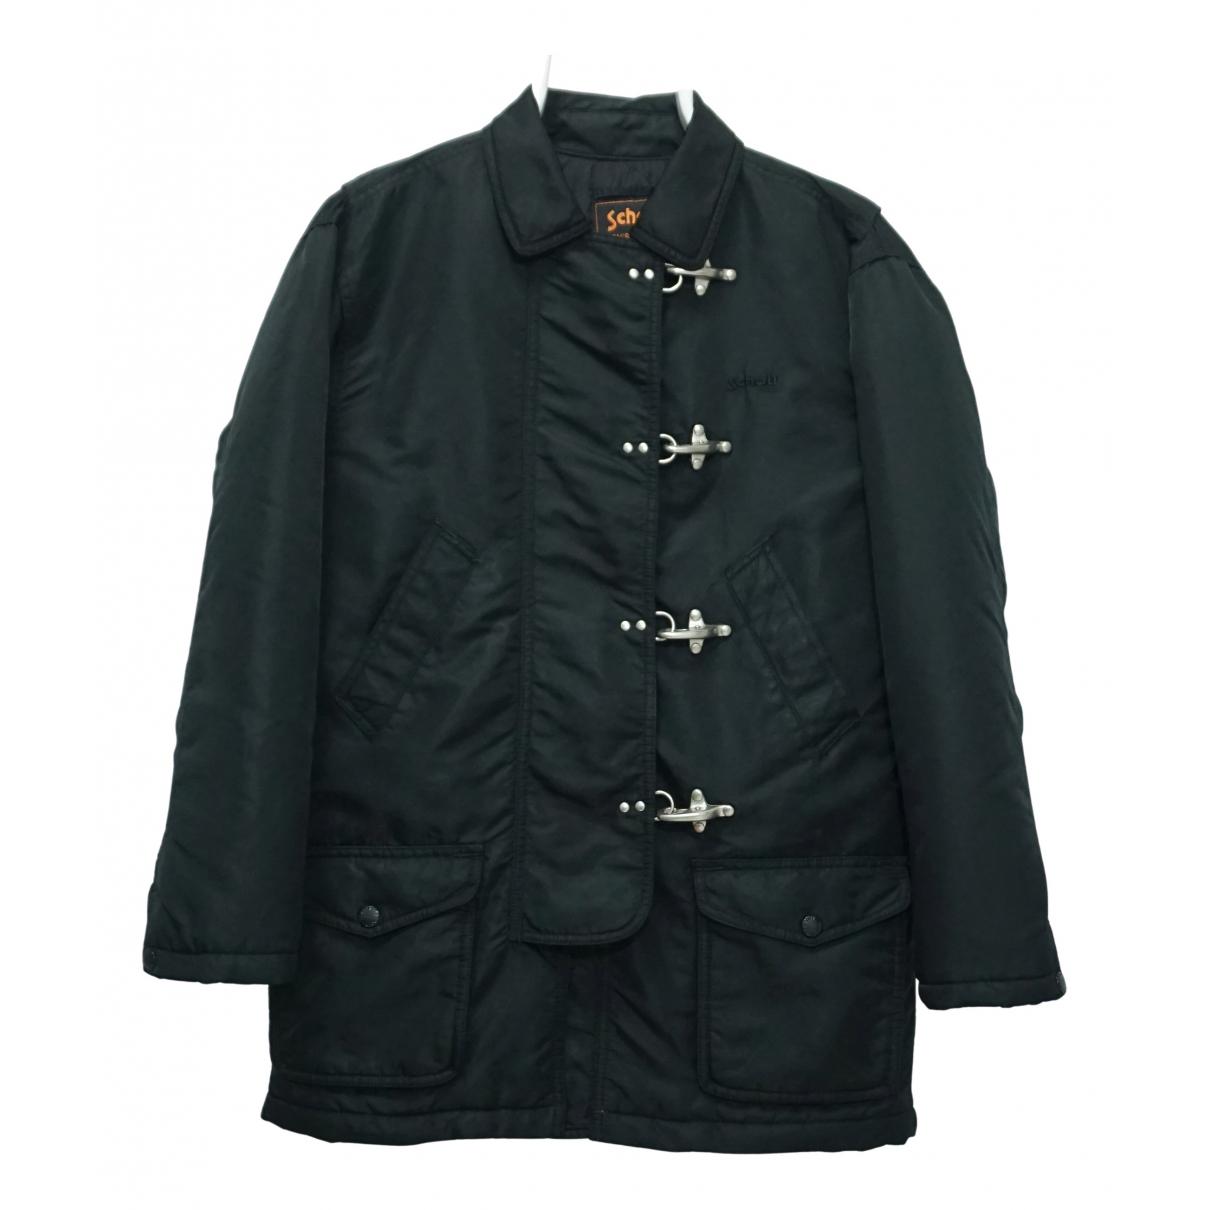 Schott - Manteau   pour homme - noir